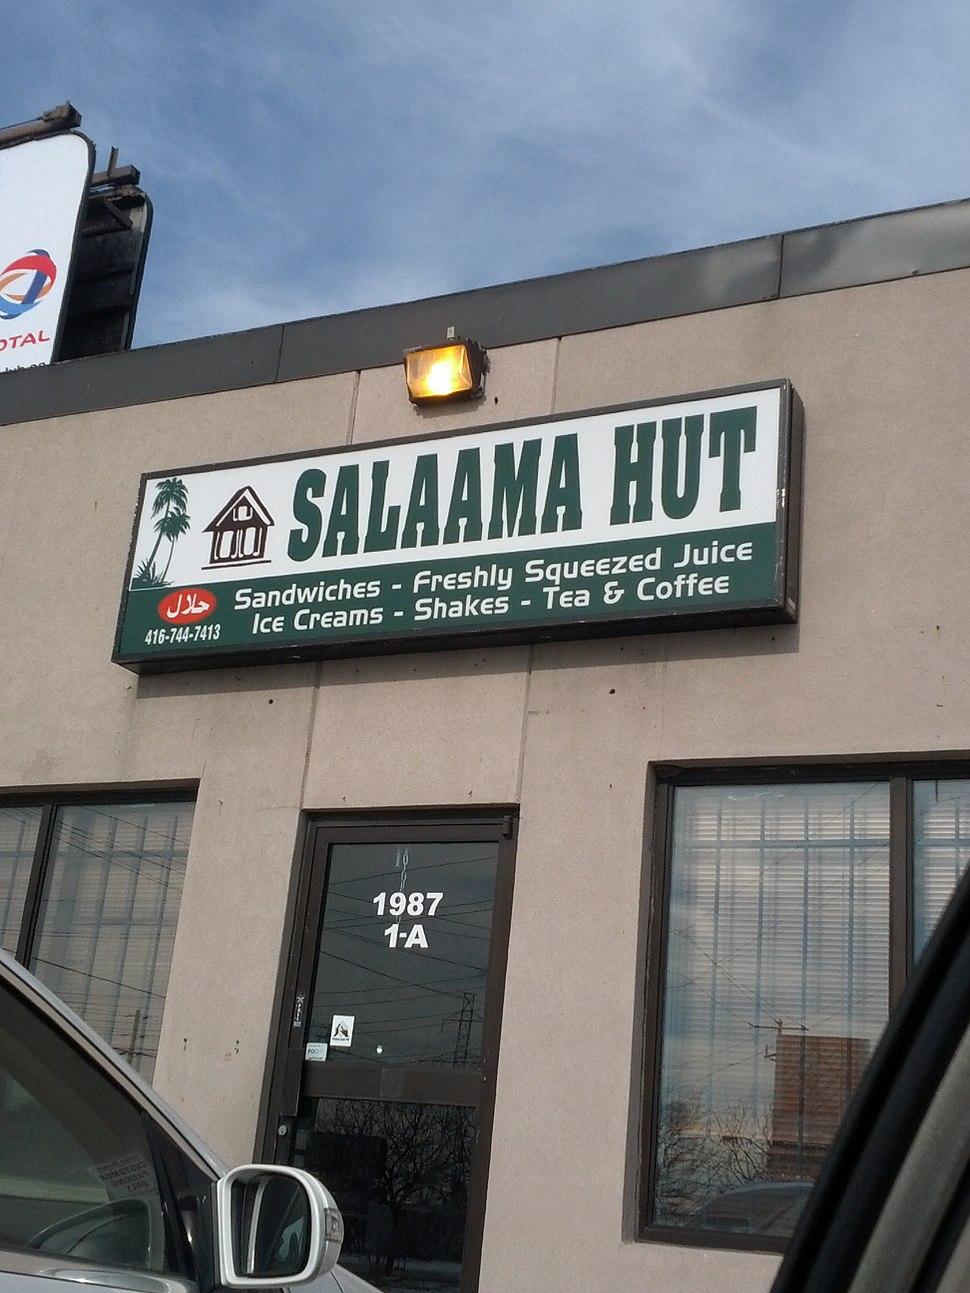 Salaamahut